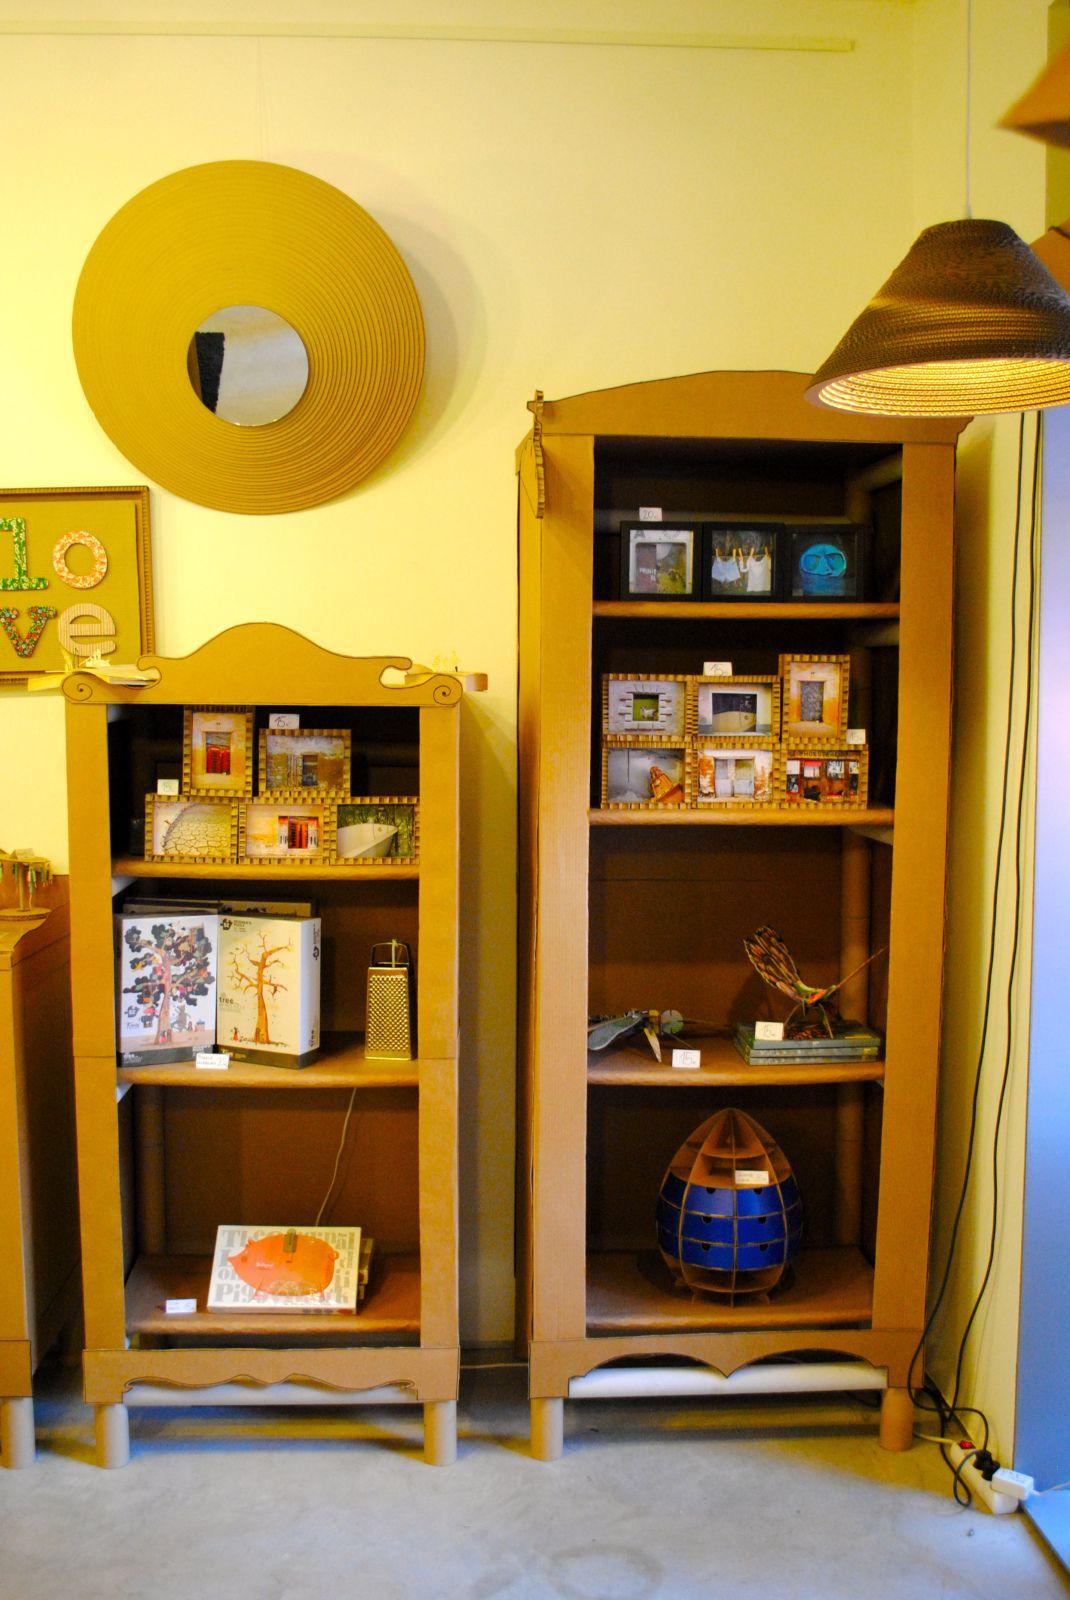 Muebles expositores para tienda realizados con mandriles y cartón ...